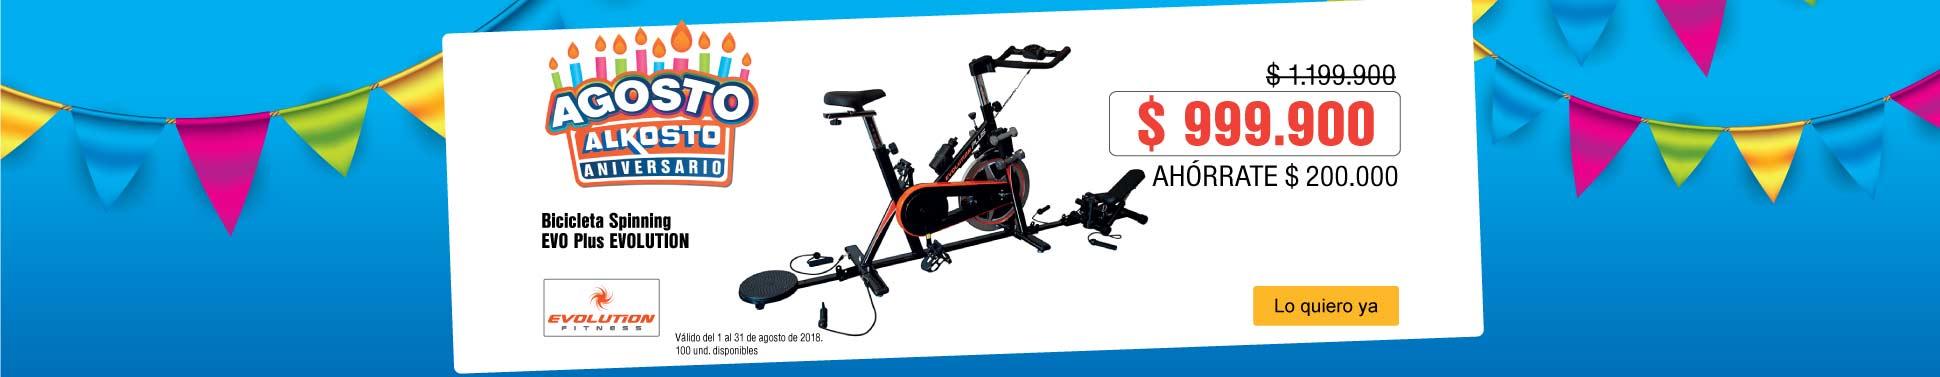 ak-bcat-2-deportes-pp-evolution-spinningevoplus-ago15